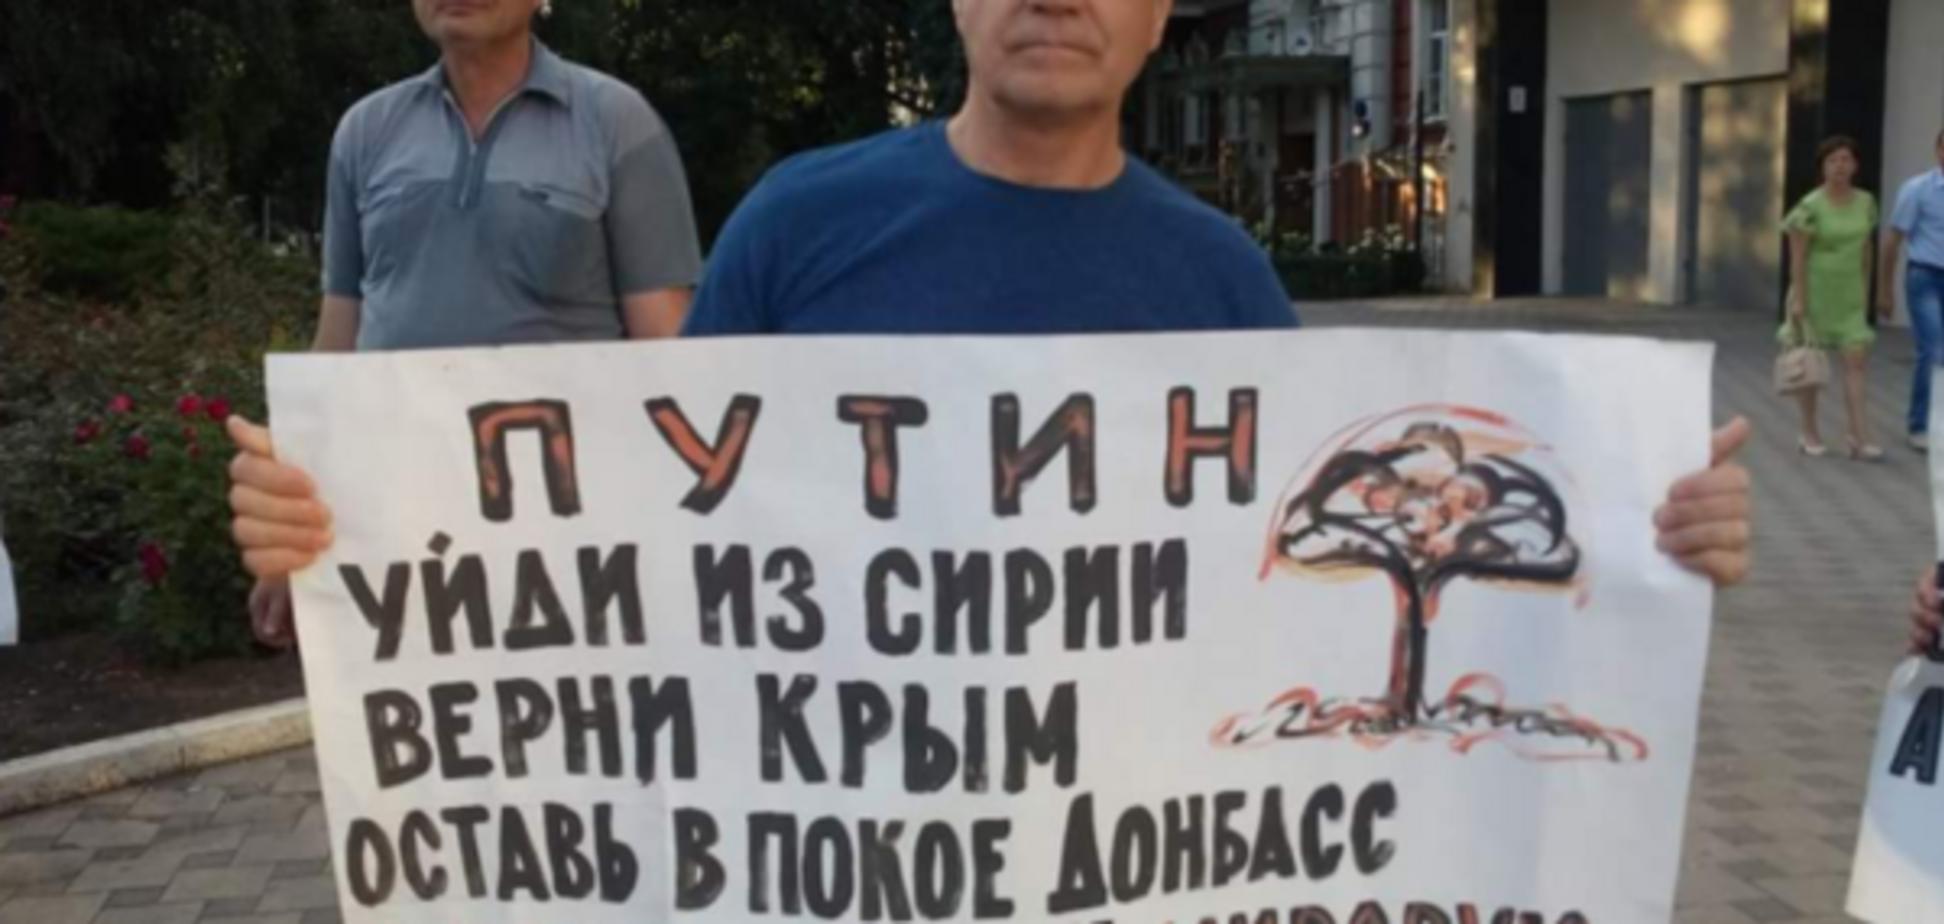 'Верни Крым и оставь в покое Донбасс!' В России прошел митинг против Путина